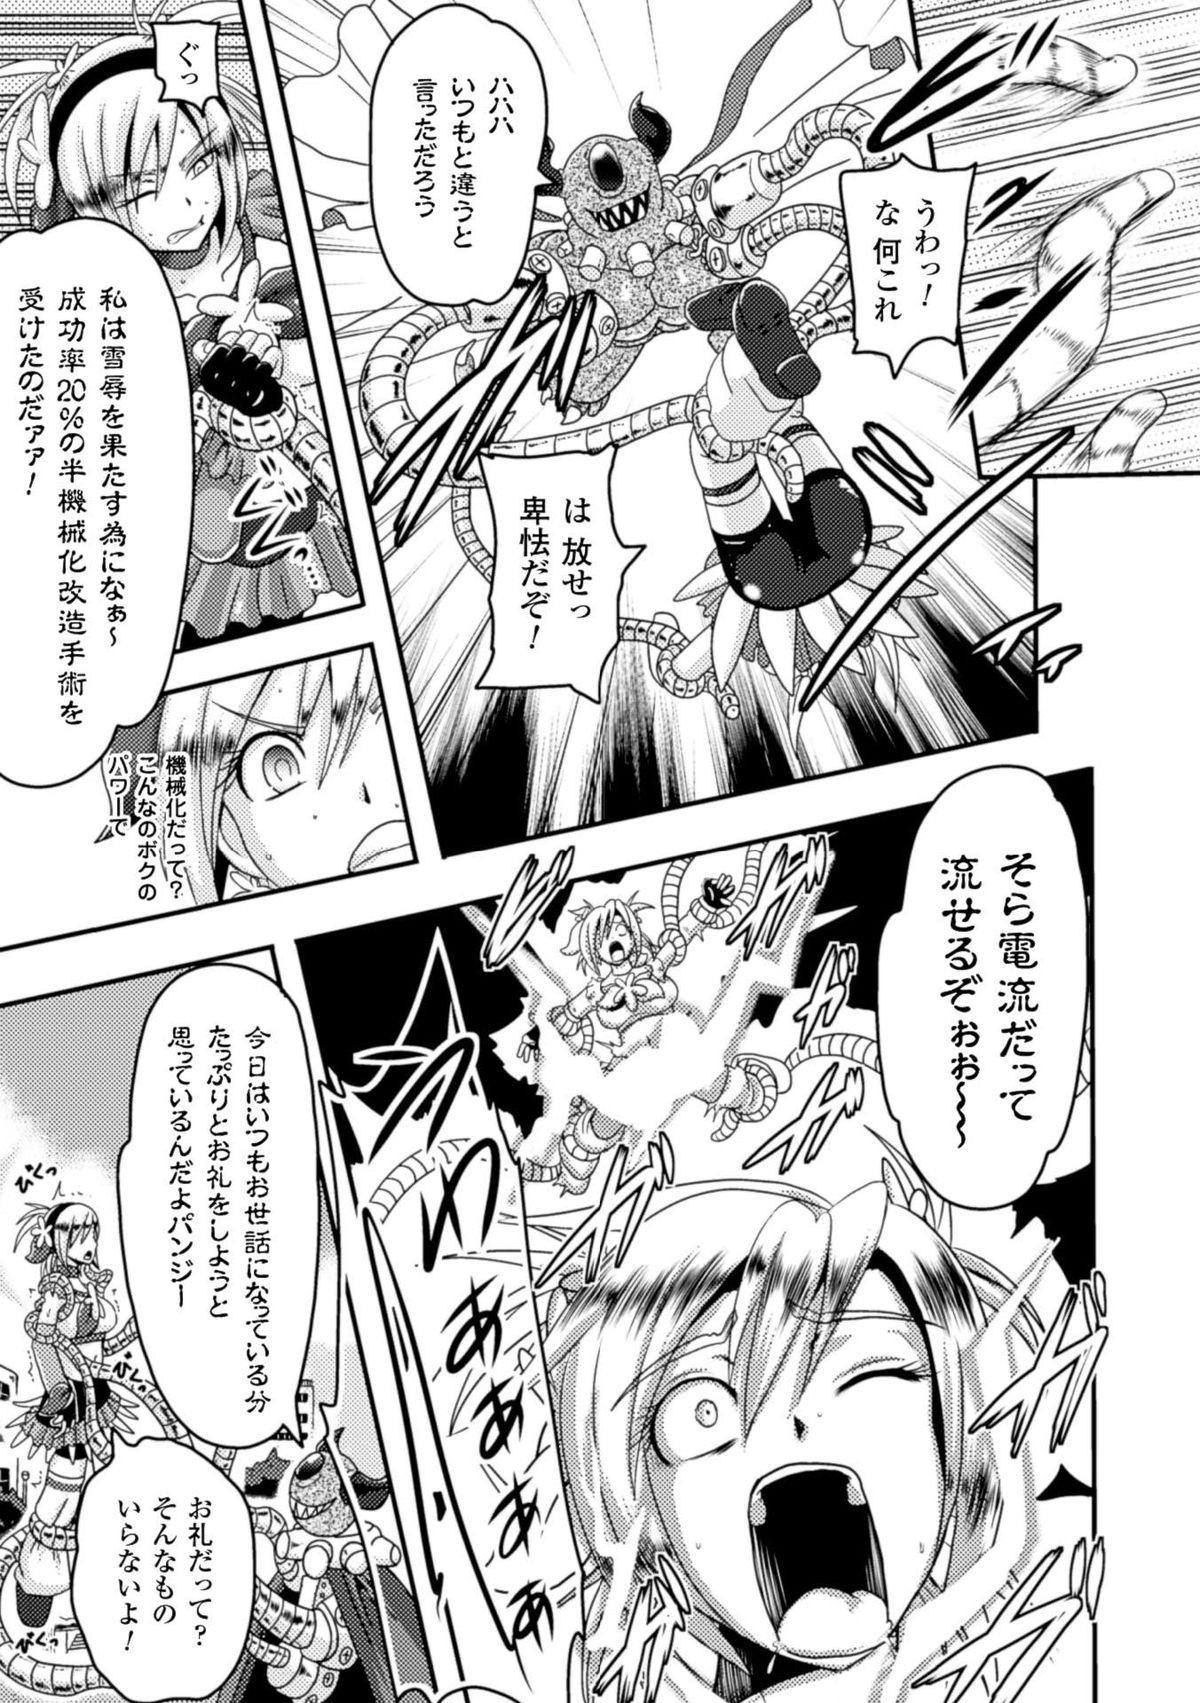 Kikaikan de Monzetsu Iki Jigoku! Vol. 1 30